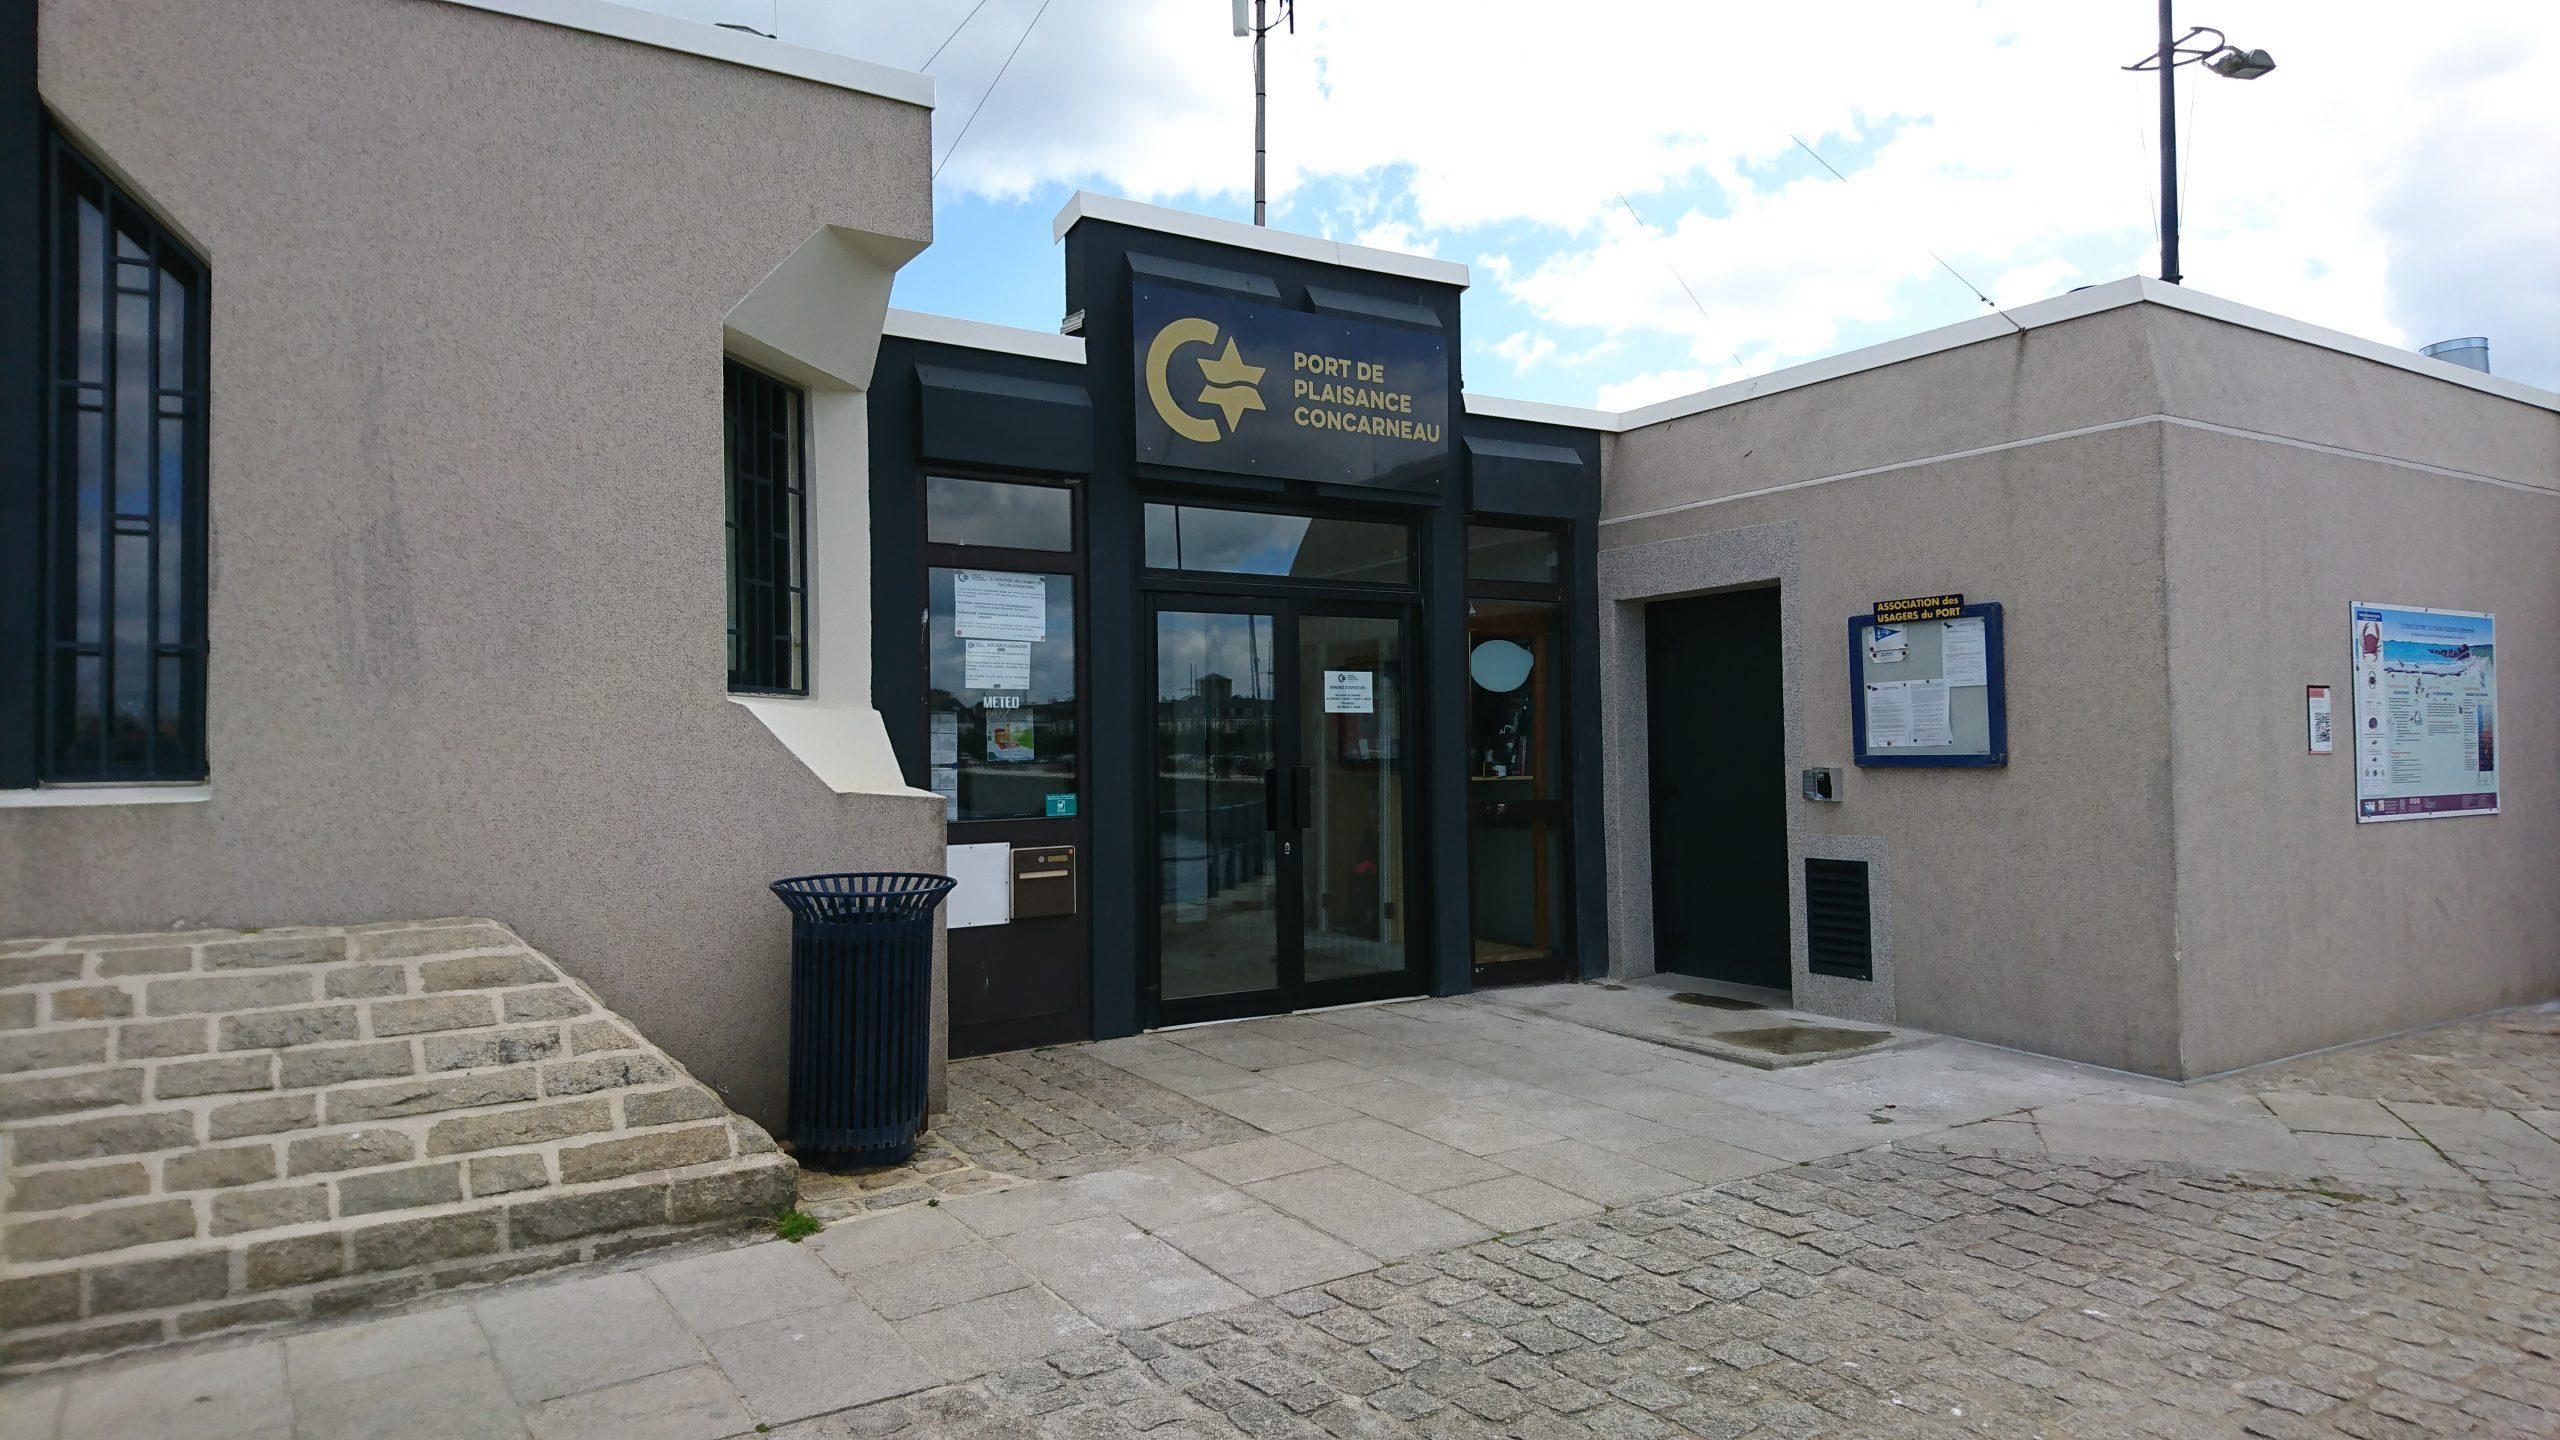 Services Du Port De Plaisance De Concarneau, Station ... destiné Piscine Concarneau Horaires